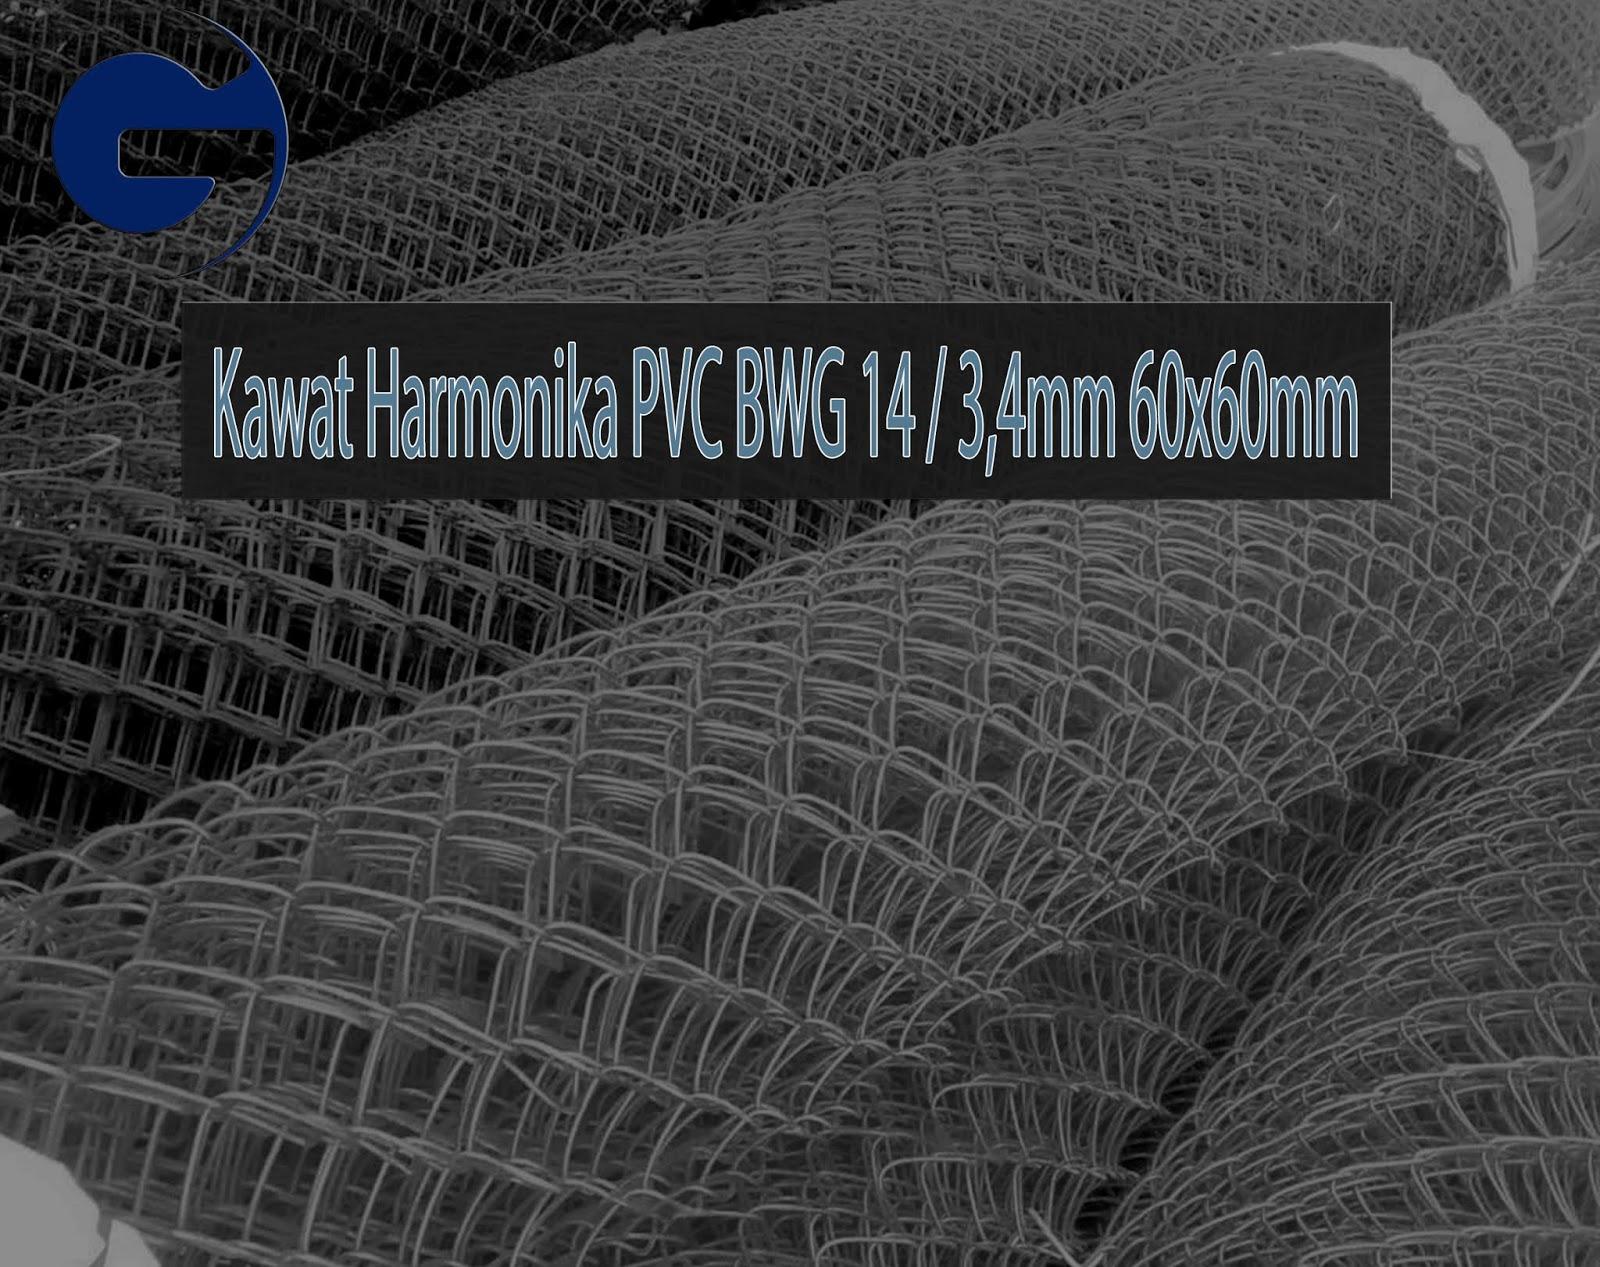 Jual Kawat Harmonika PVC SNI BWG 14/3,4mm 60x60mm